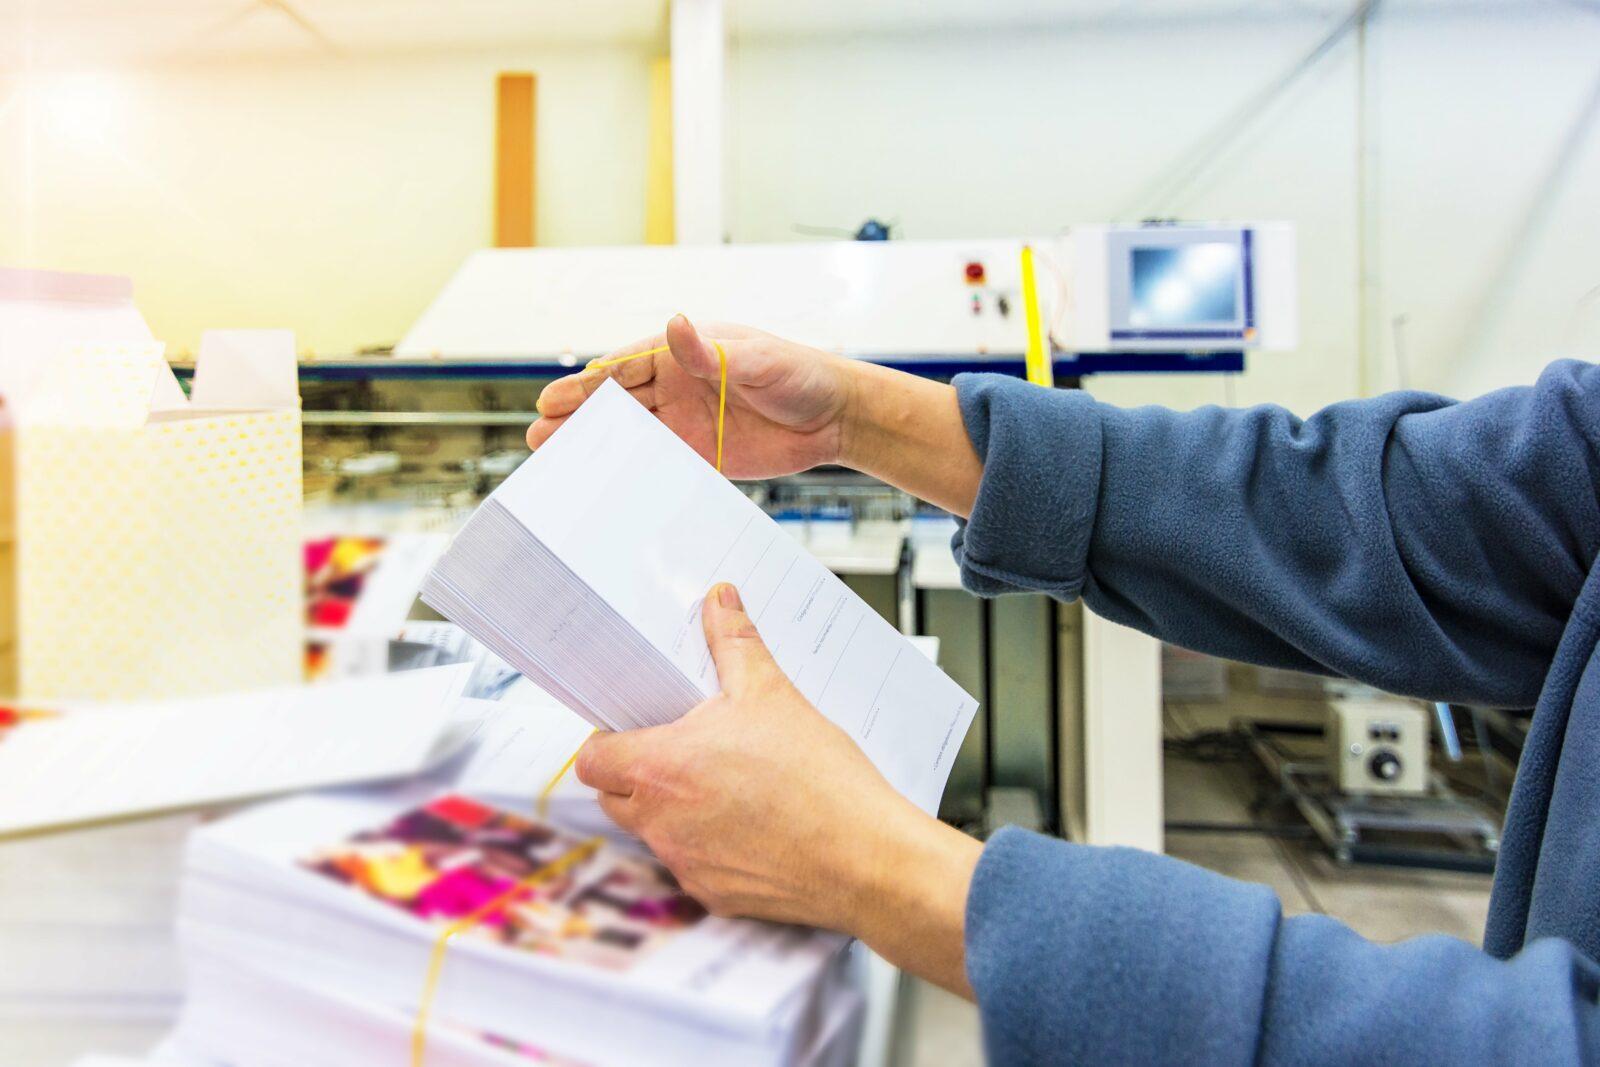 """Gegen digitale Müdigkeit: Mit diesen 5 Tipps wirst du zum """"Printfluencer"""""""